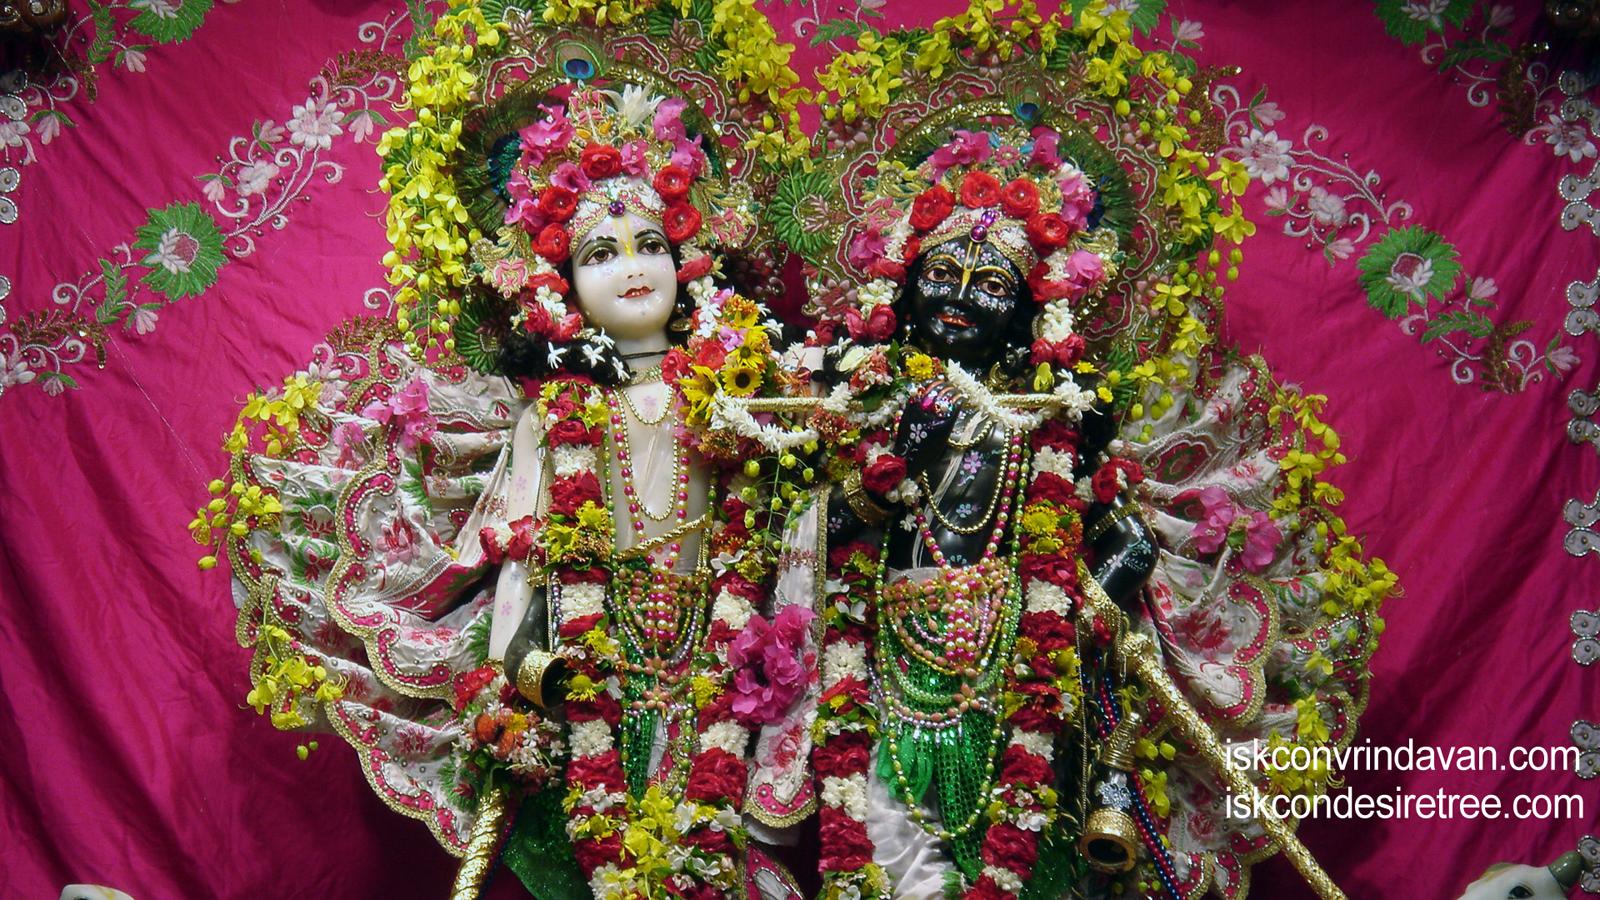 Sri Sri Krishna Balaram Wallpaper (010) Size 1600x900 Download